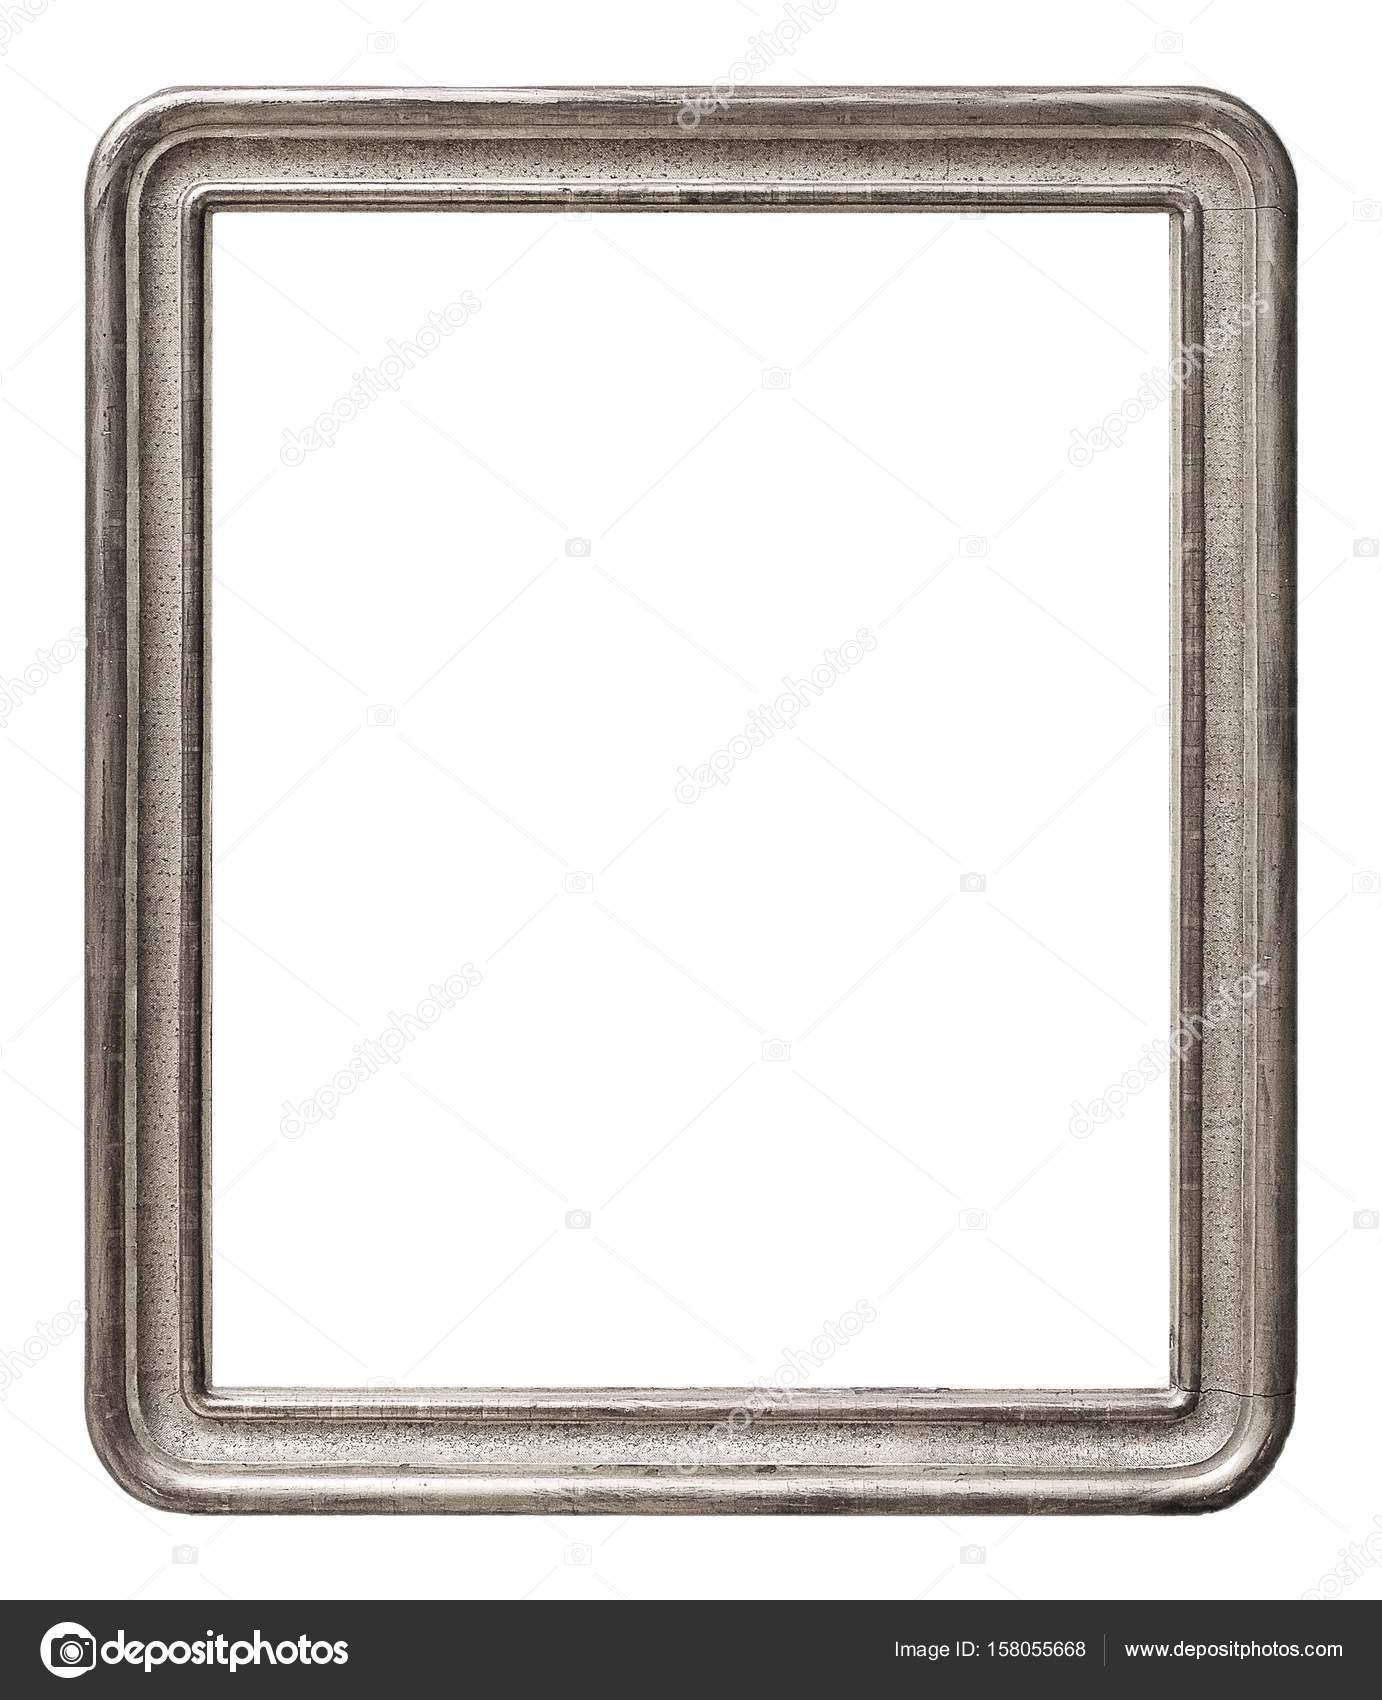 Cornice per quadri, specchi o foto su priorità bassa bianca — Foto ...